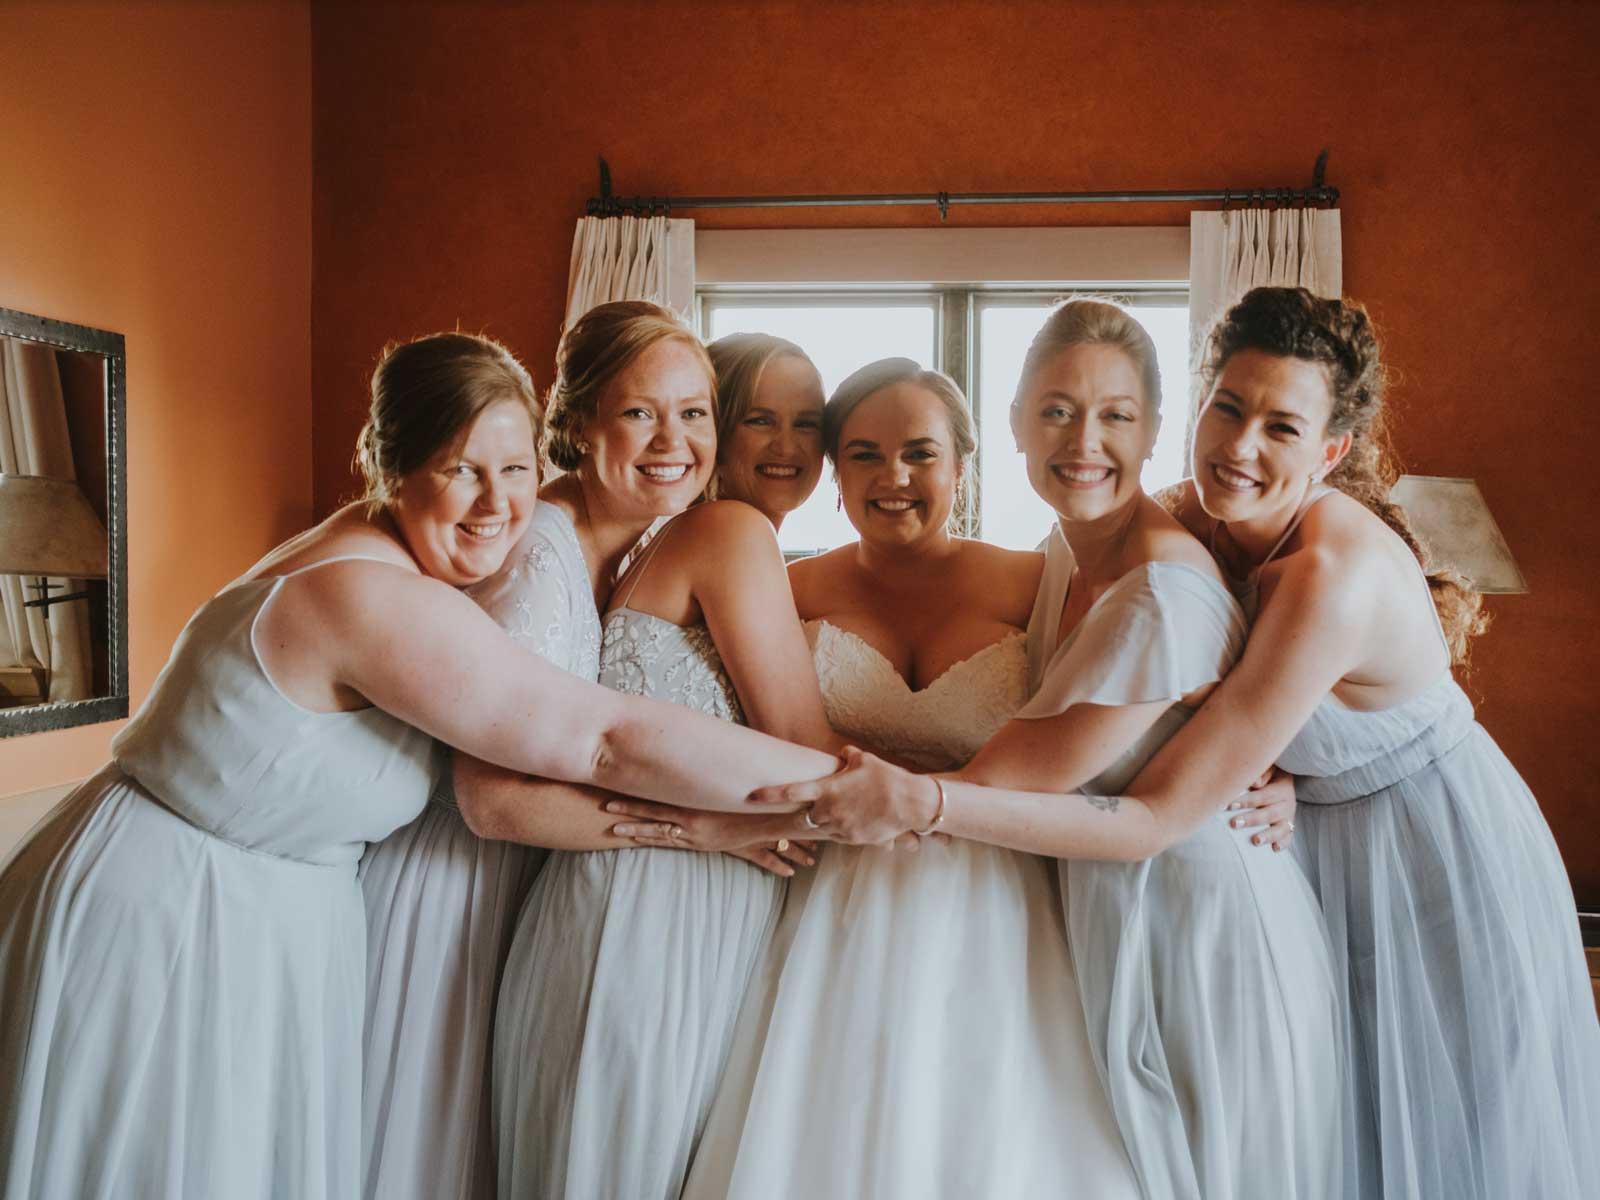 molly wedding getting ready